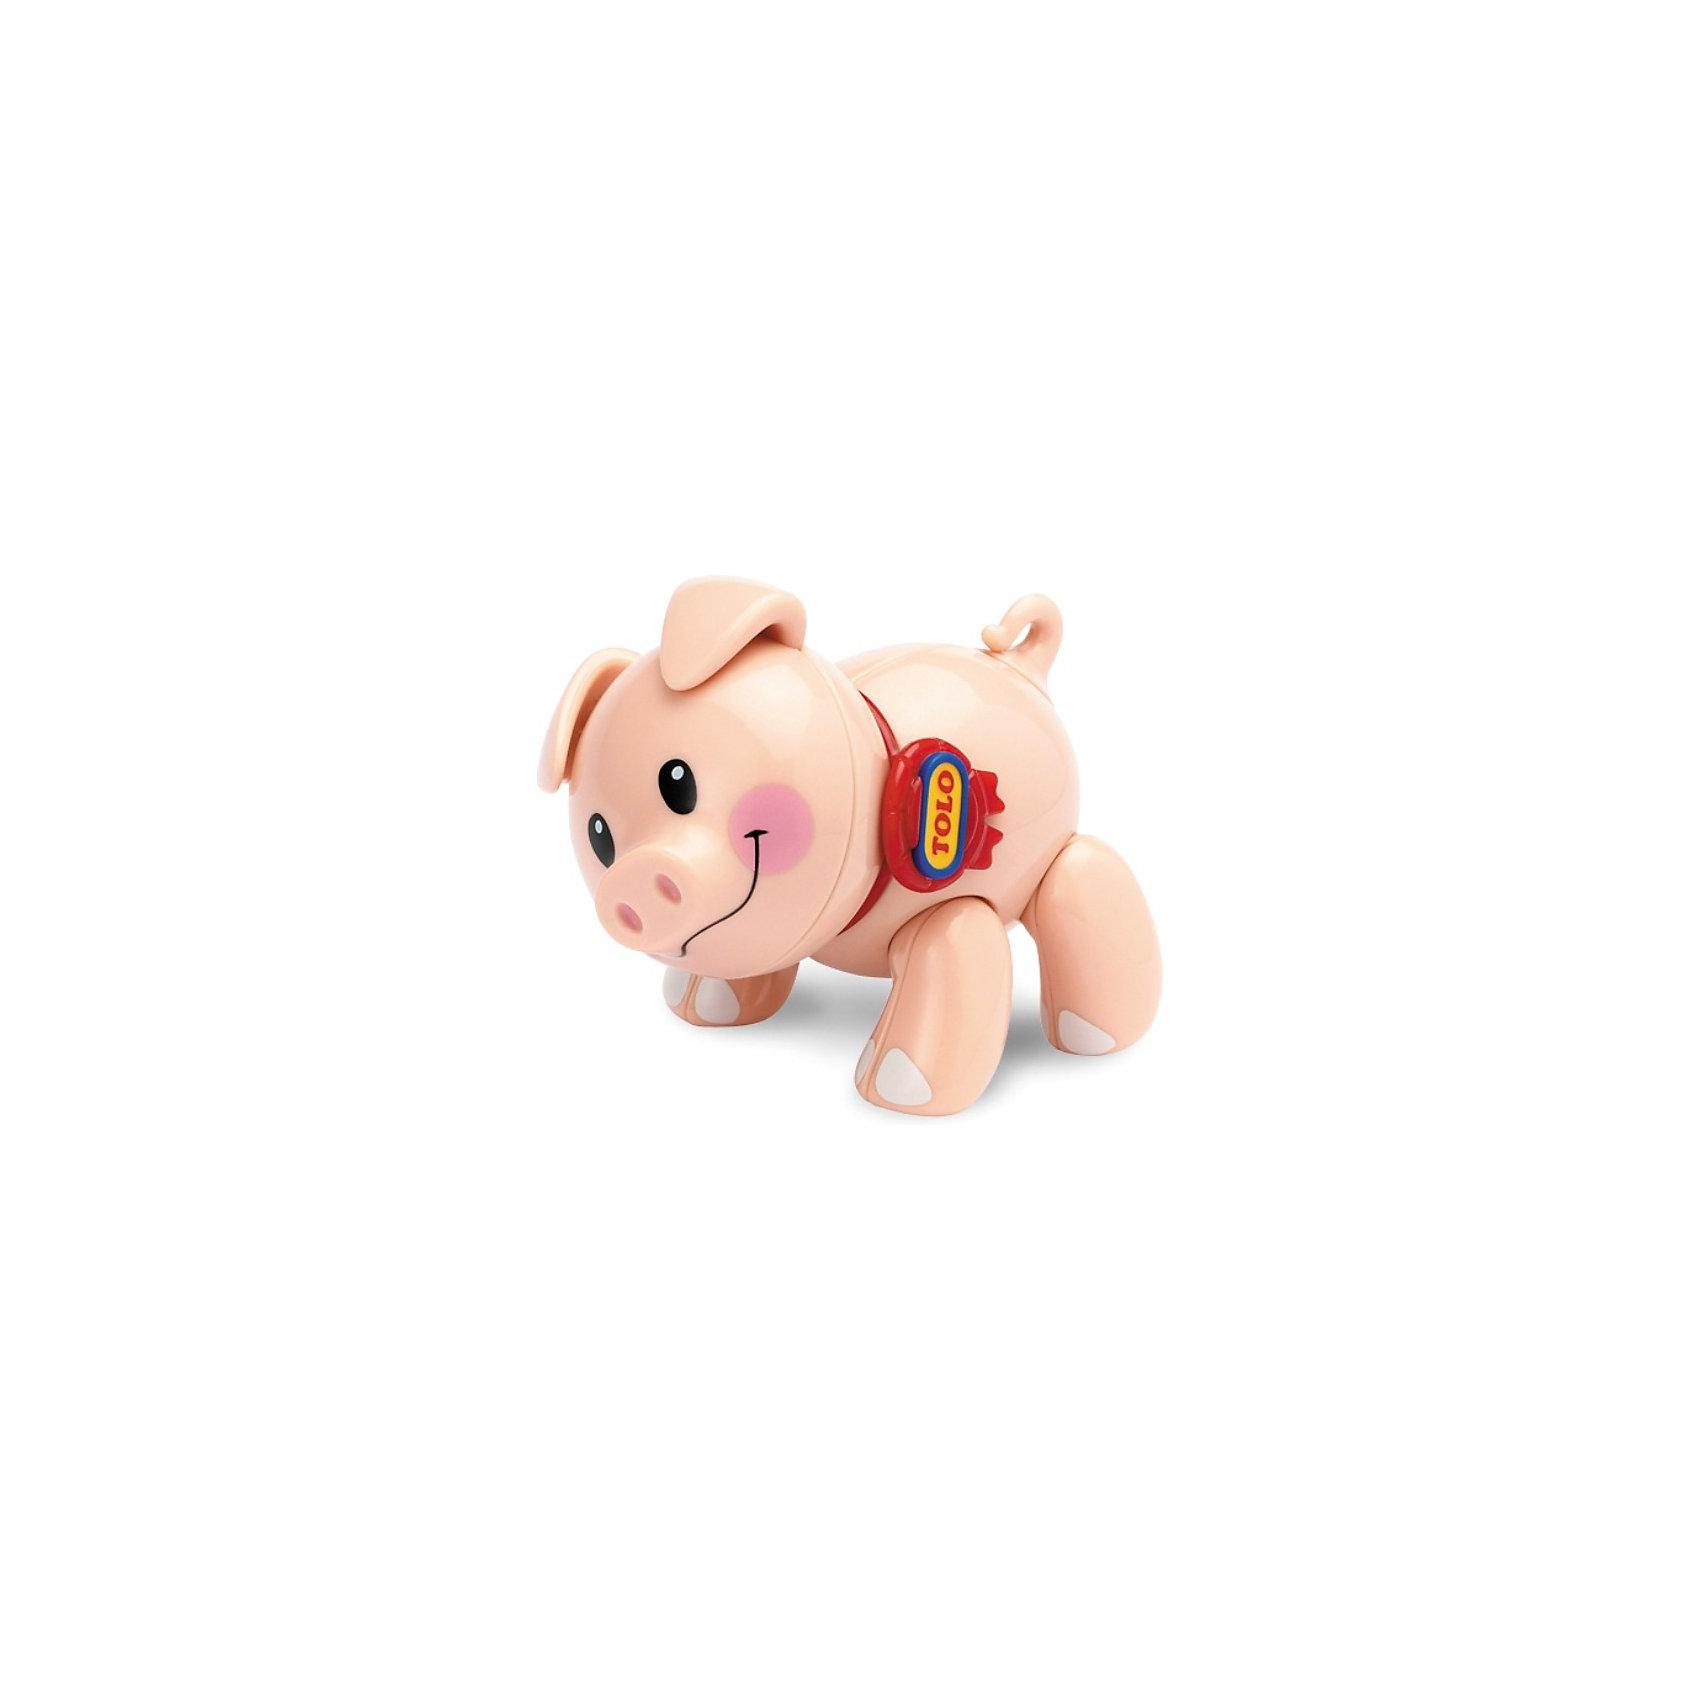 TOLO Фигурка Поросенок, Первые друзья, TOLO развивающие игрушки tolo toys тюлень